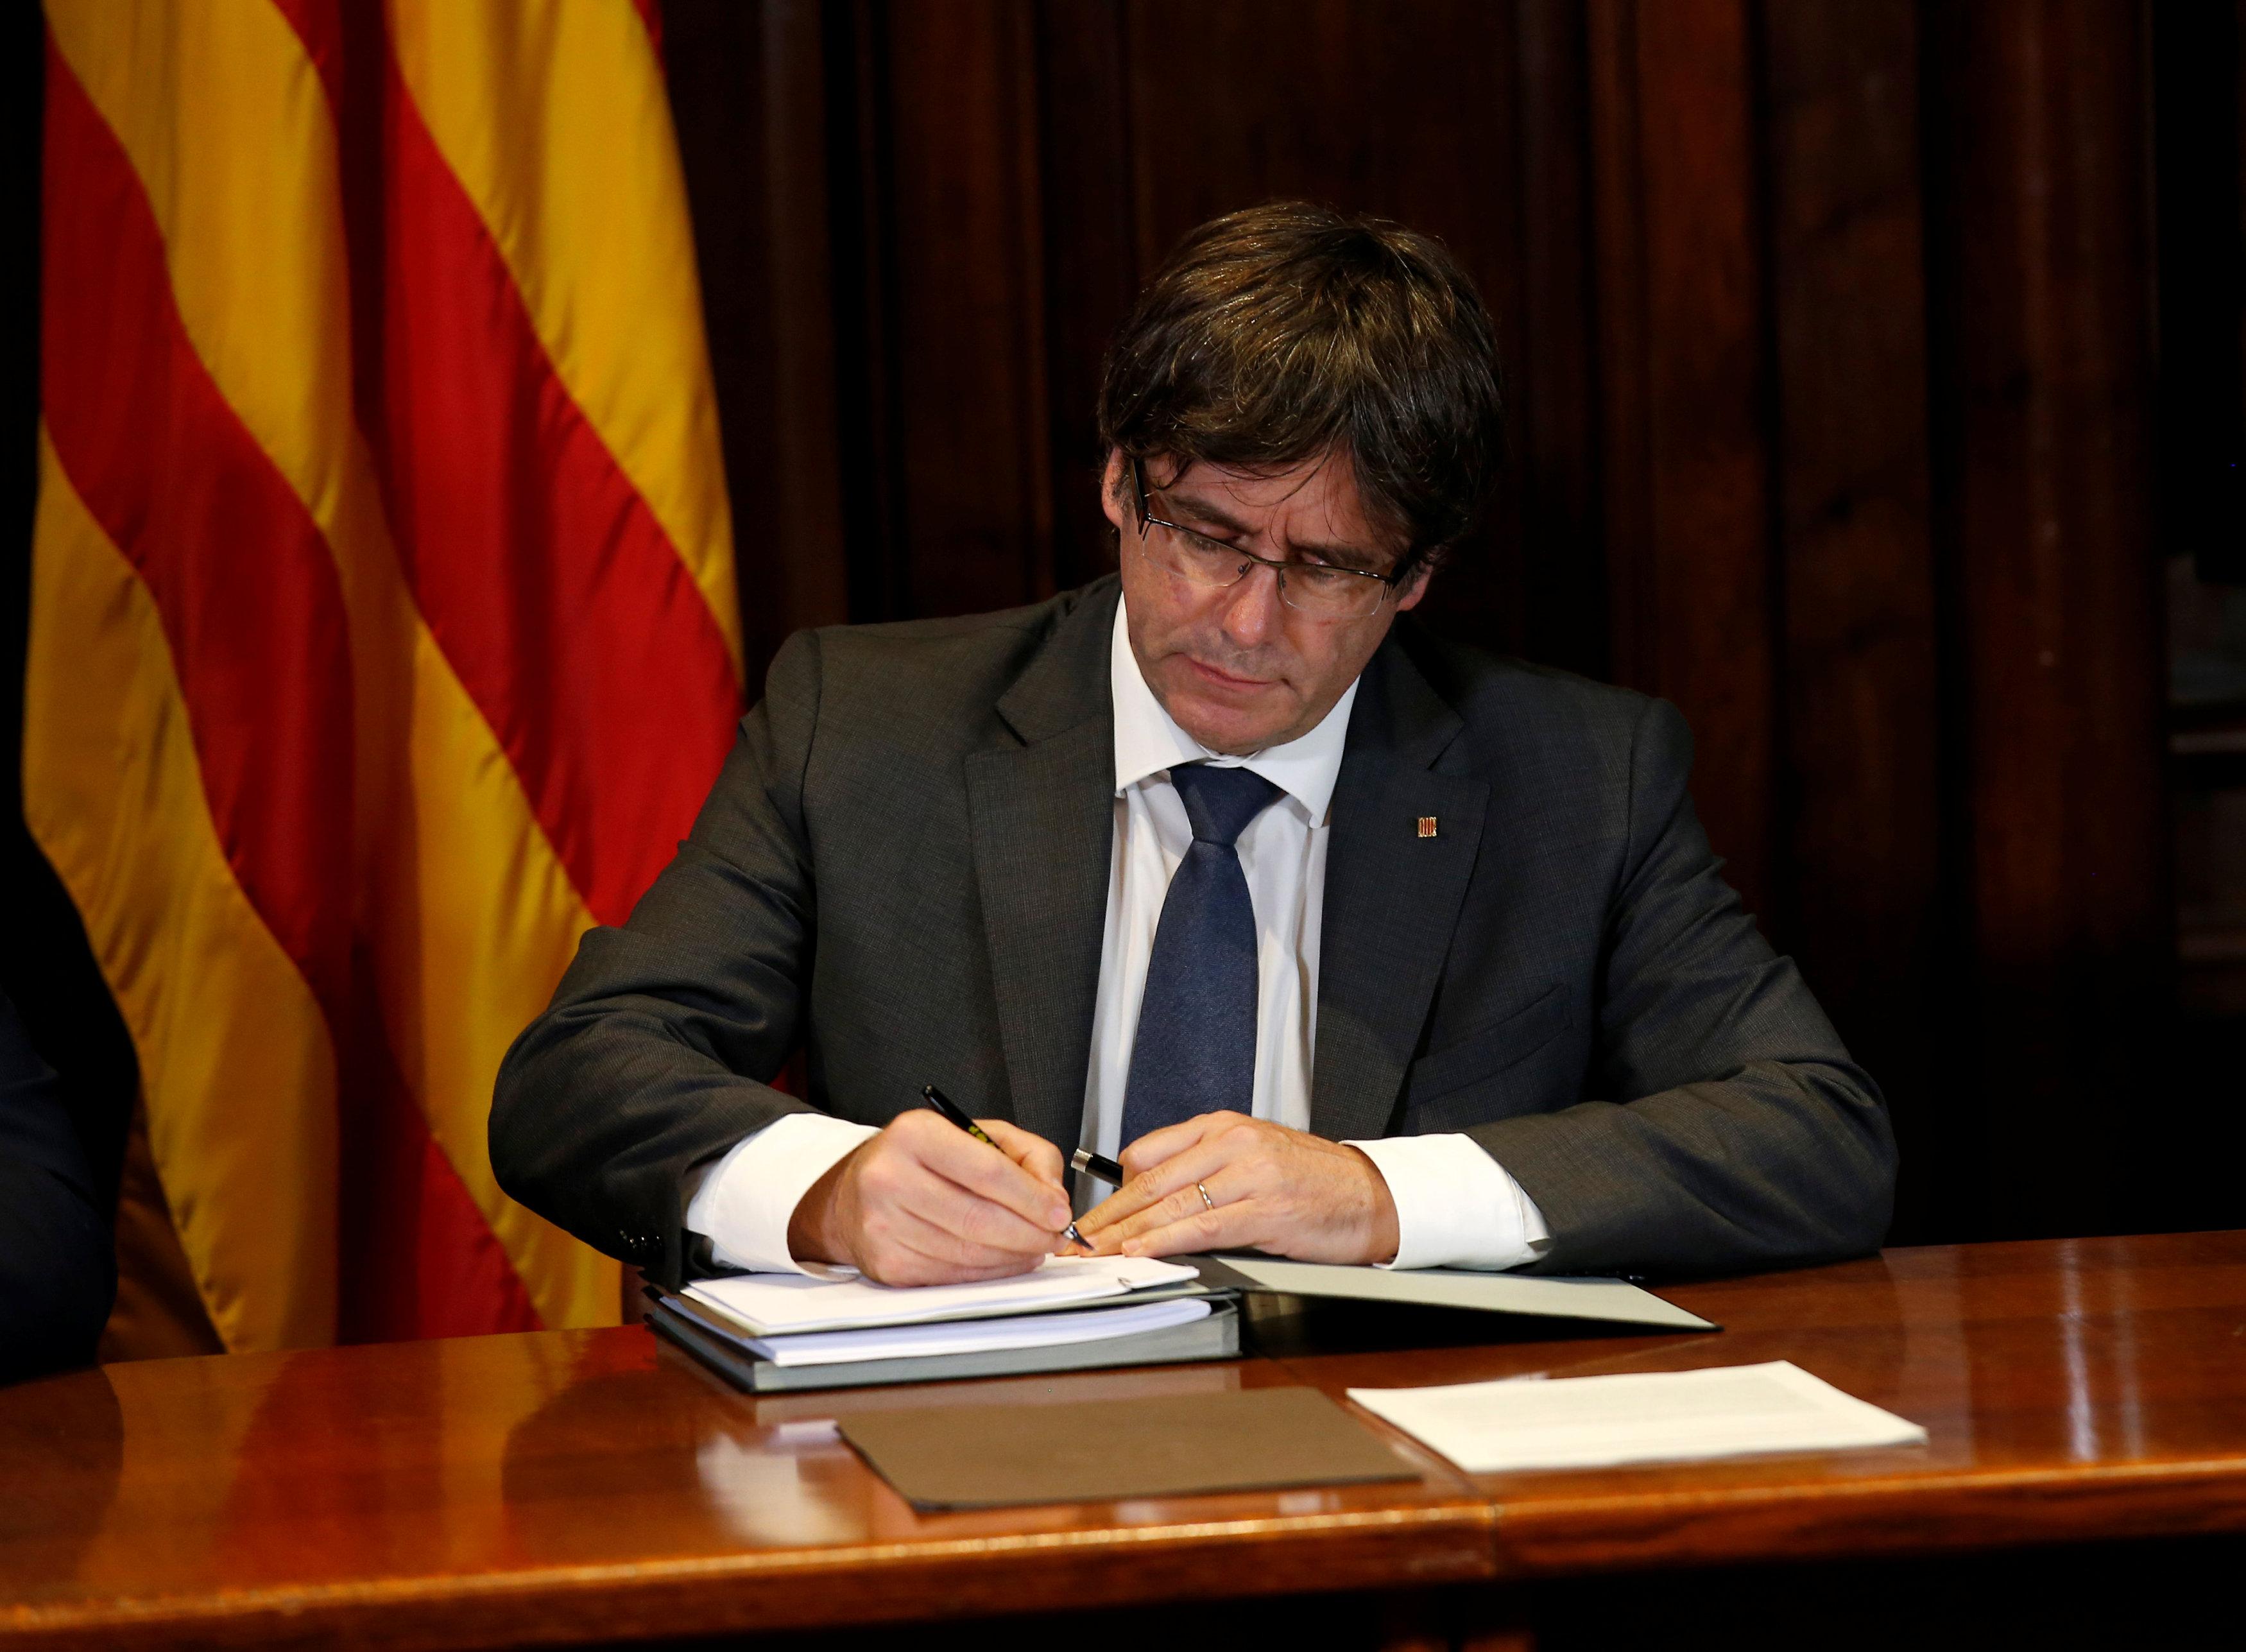 Cataluna desafia Estado y convoca referendum independentista